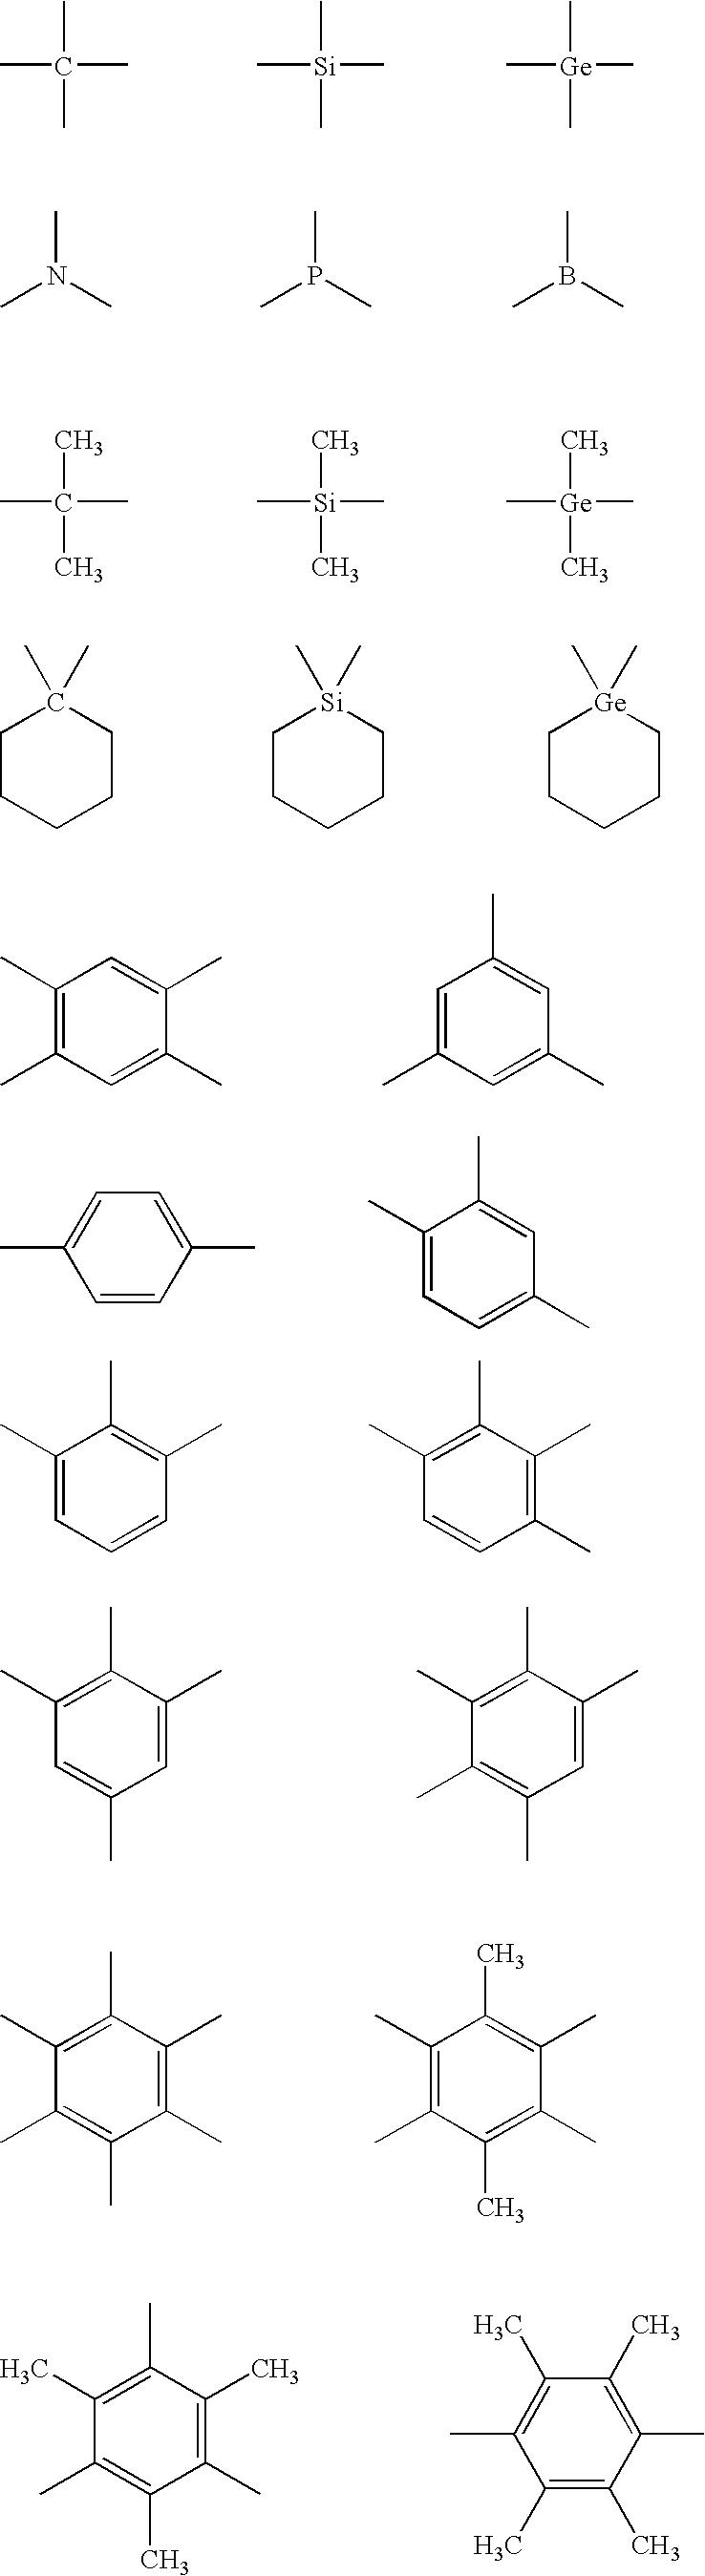 Figure US20060134464A1-20060622-C00007